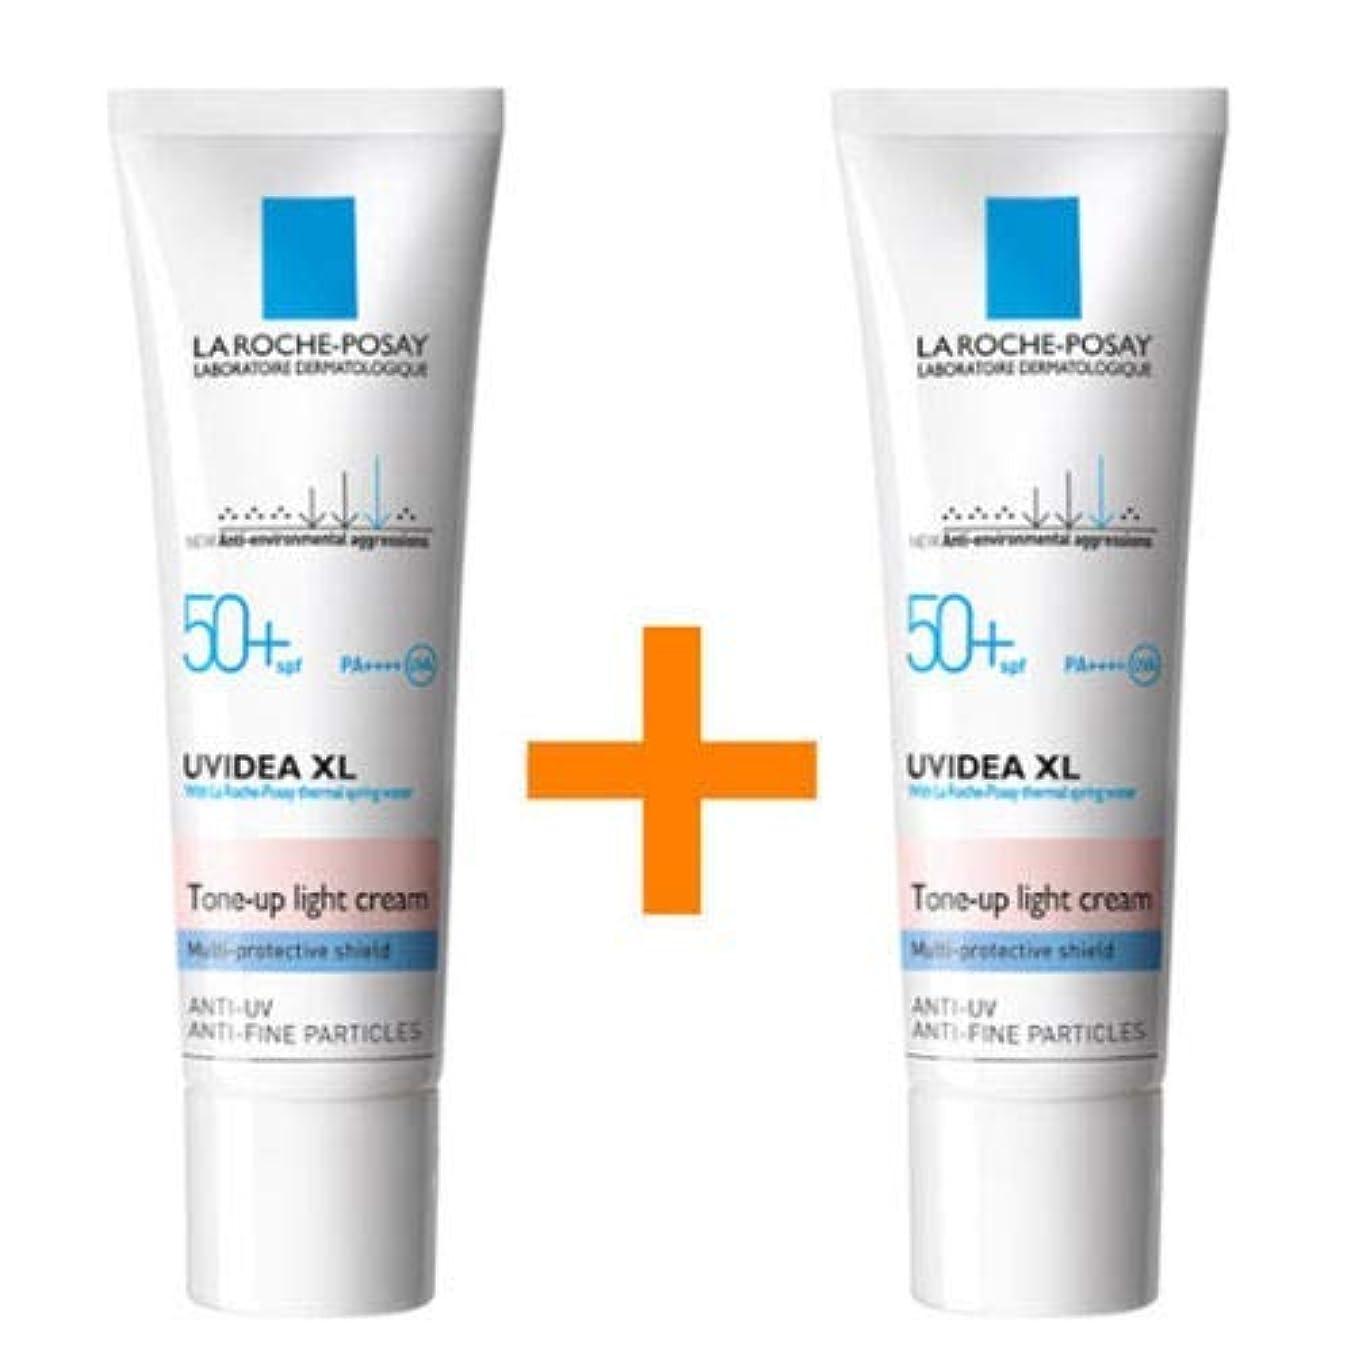 私たち自身うがい薬オプショナル[ 1 + 1 ] La Roche-Posay ラロッシュポゼ UVイデア XL プロテクショントーンアップ Uvidea XL Tone-up Light Cream (30ml)